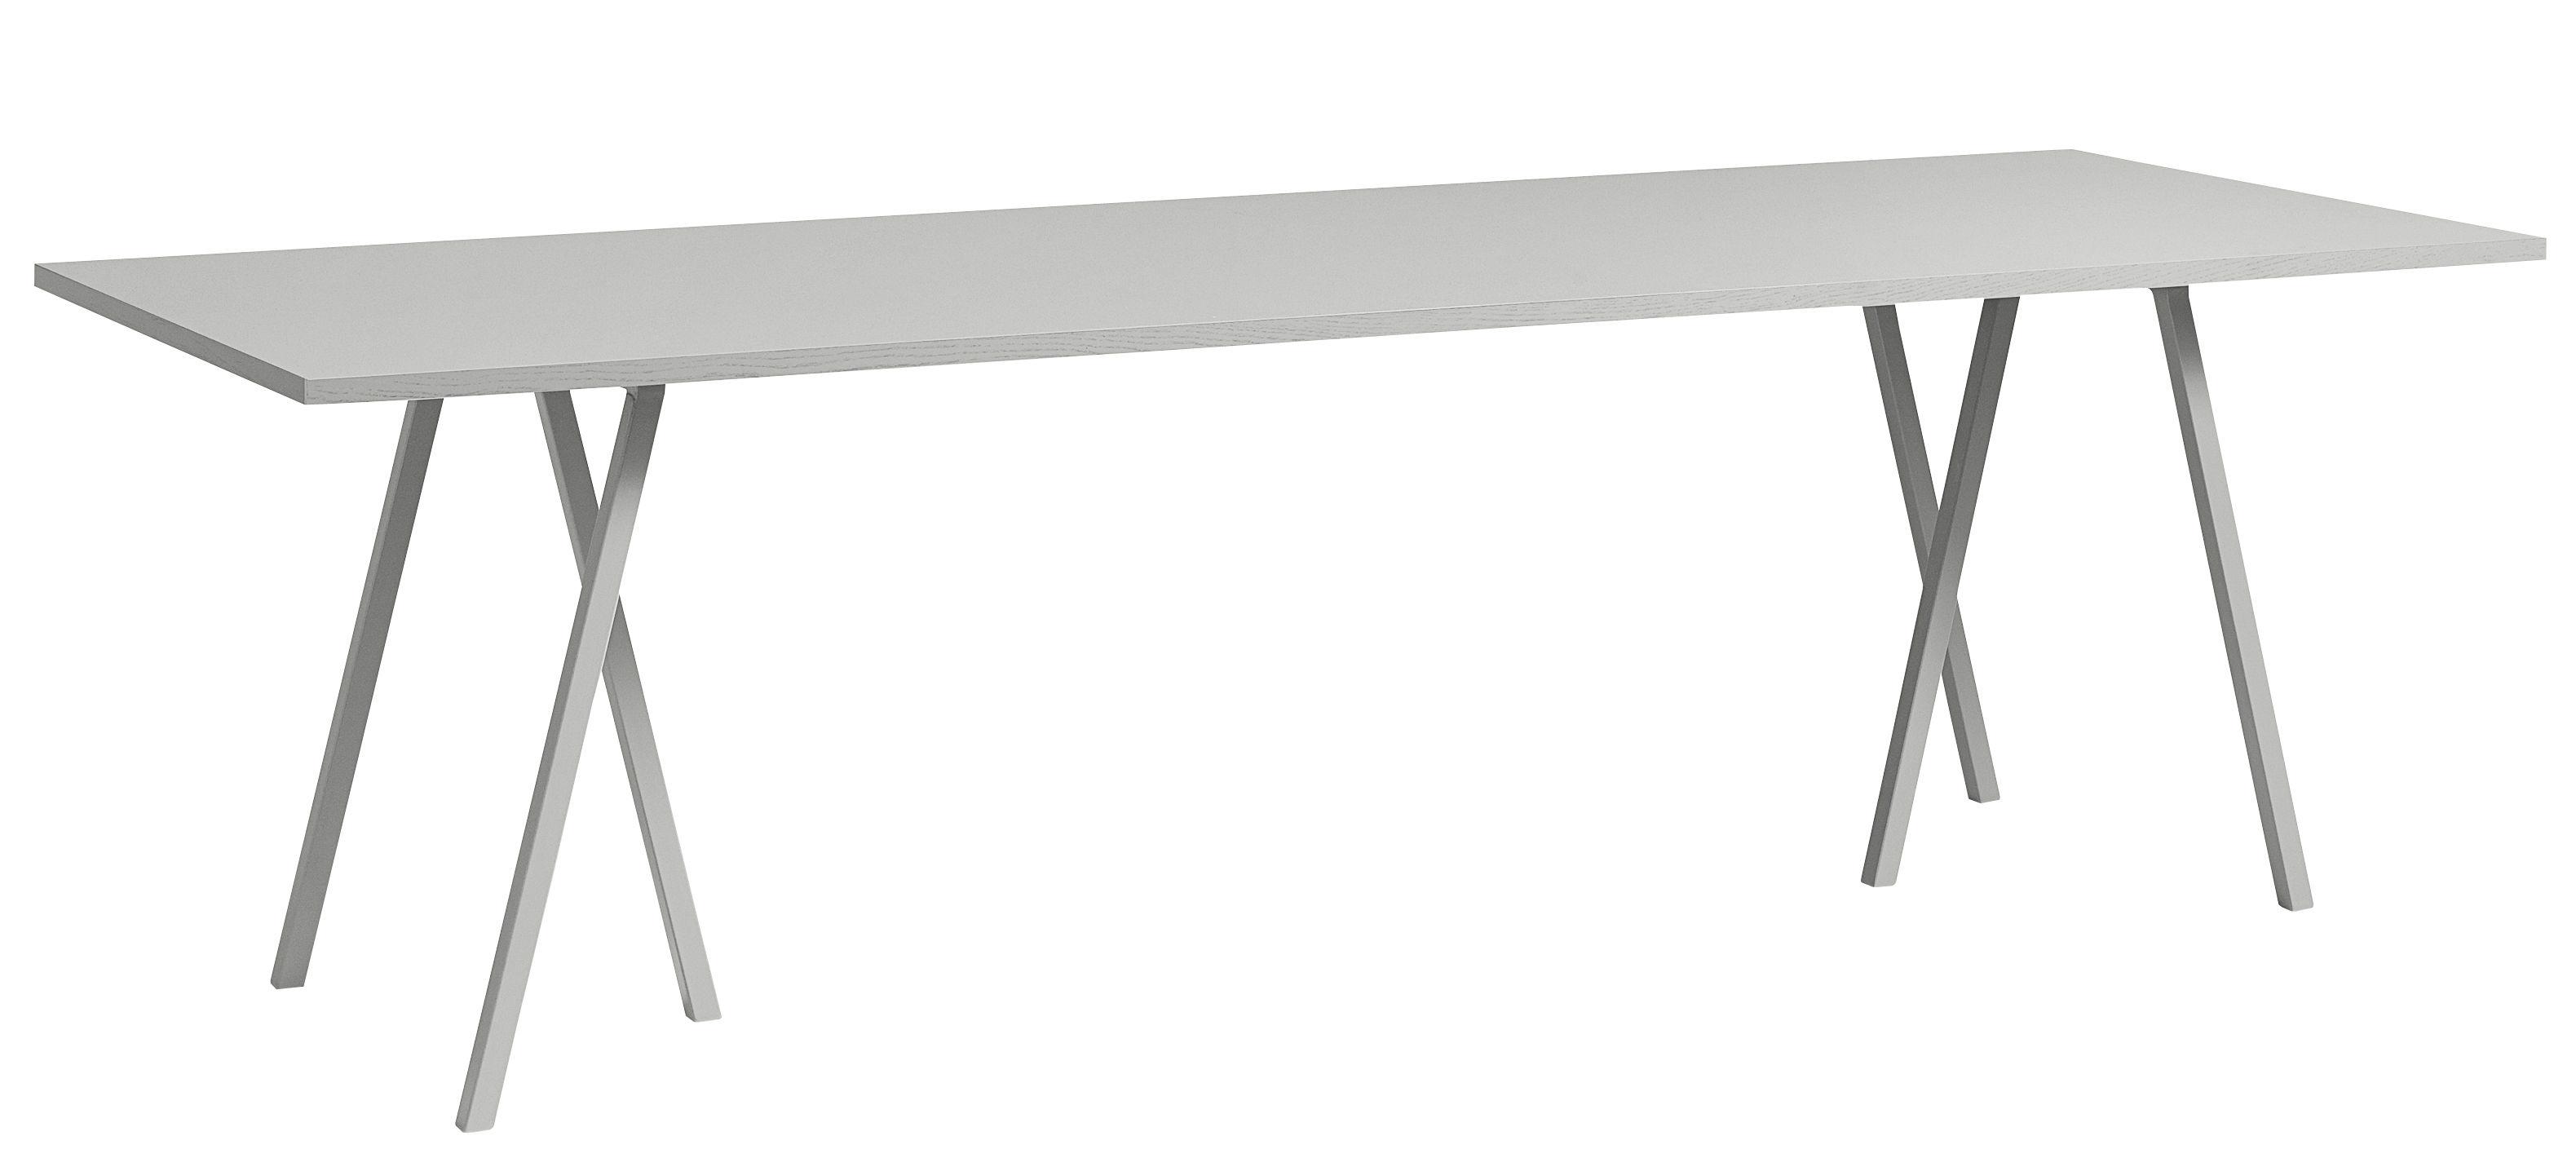 Mobilier - Bureaux - Table Loop / L 250 cm - Hay - Gris - Acier laqué